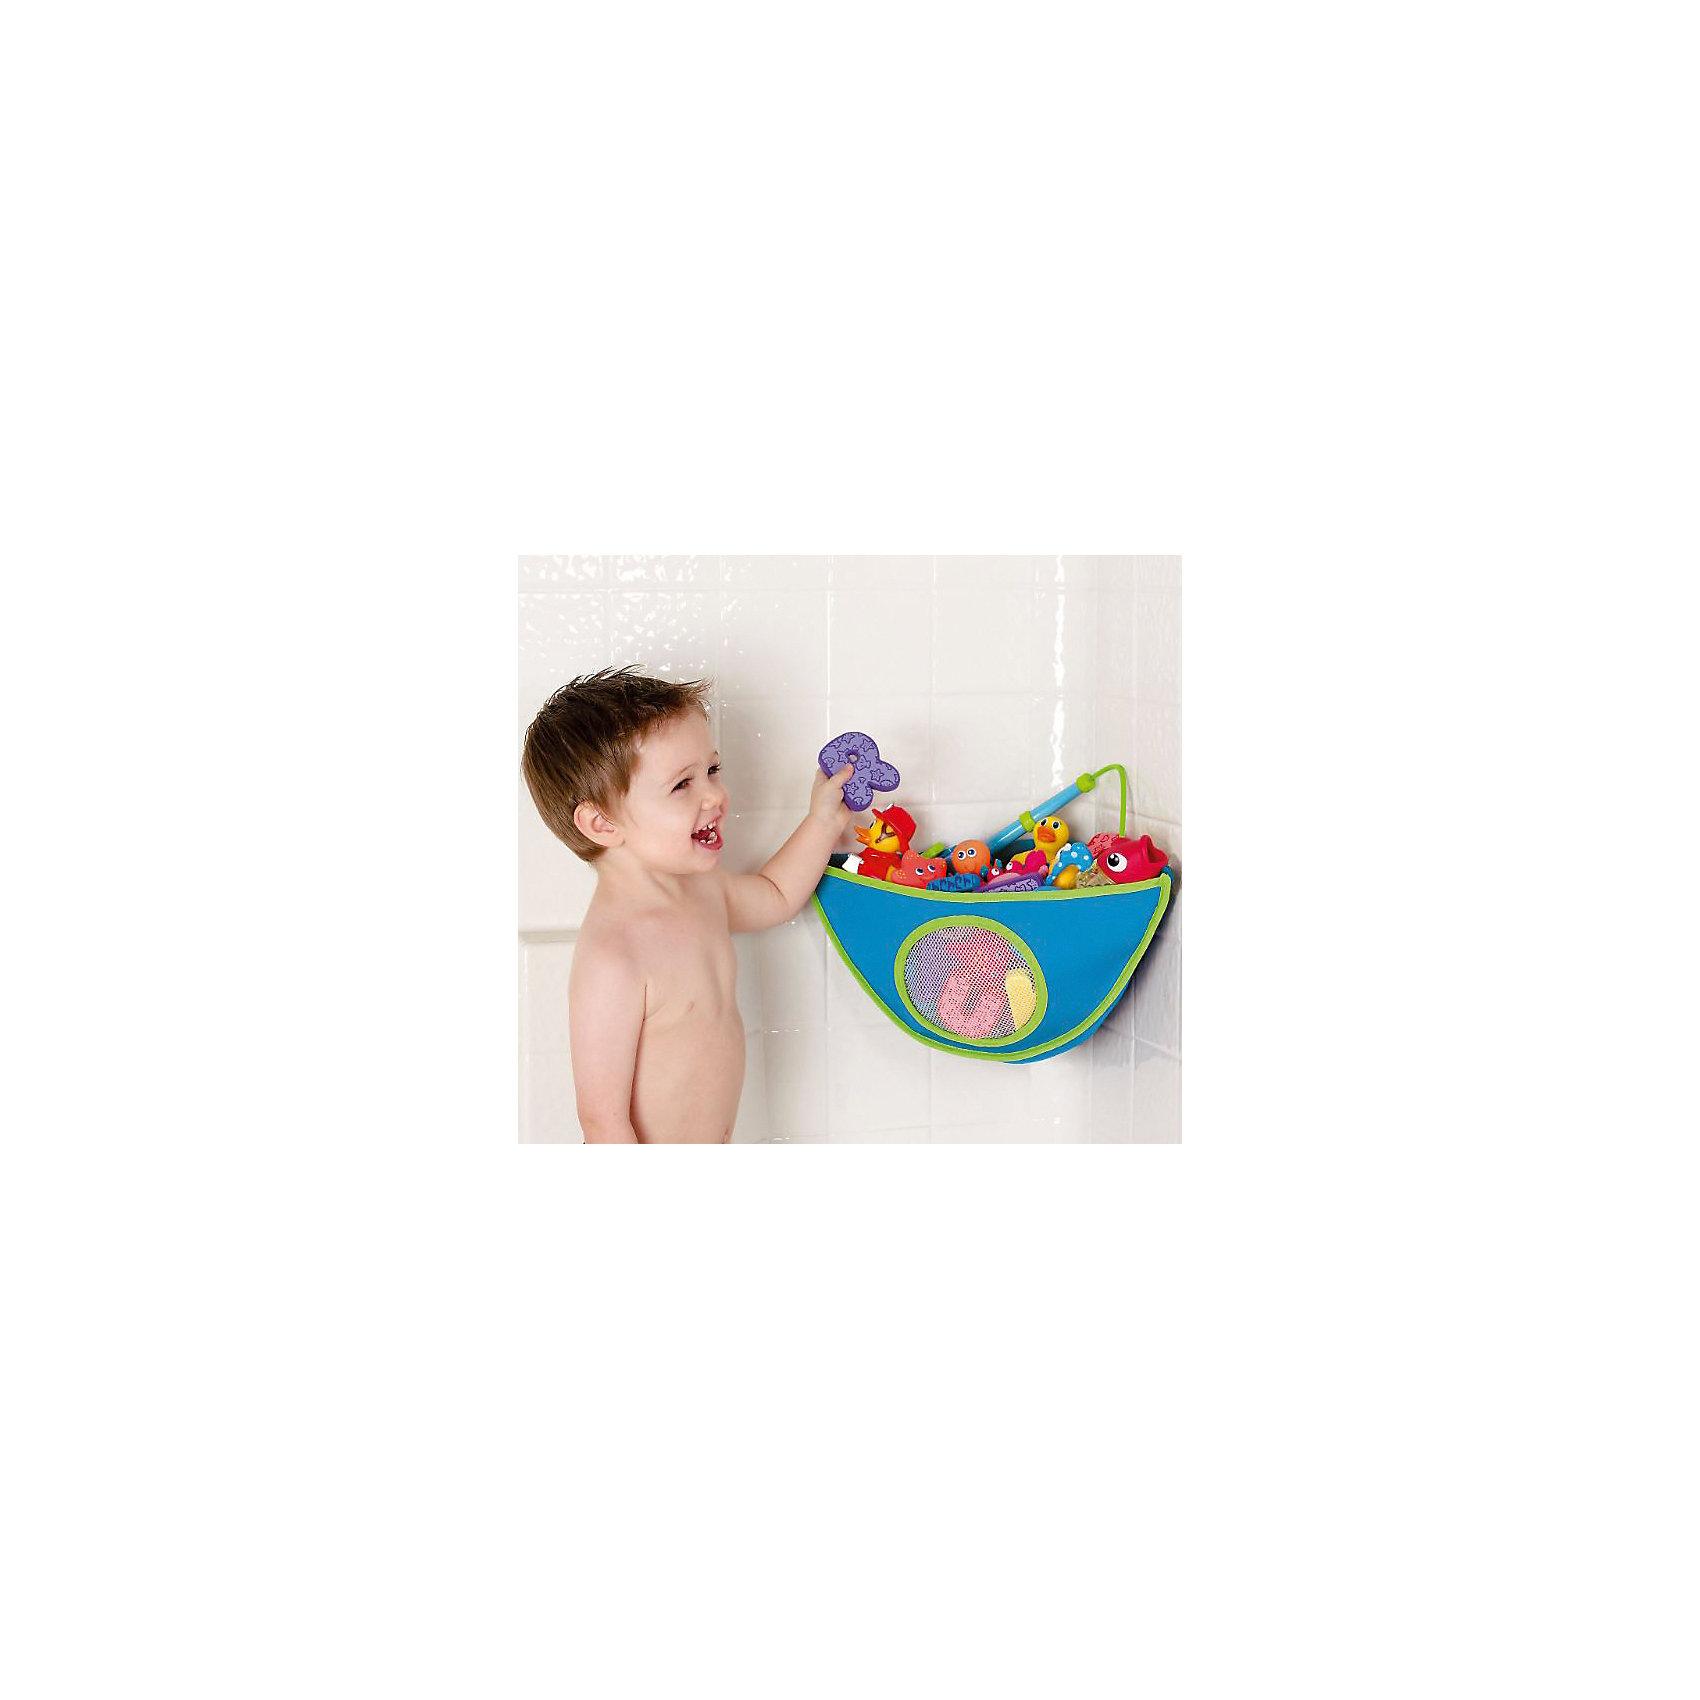 munchkin Органайзер для игрушек в ванной, Munchkin, голубой munchkin для игрушек в ванной